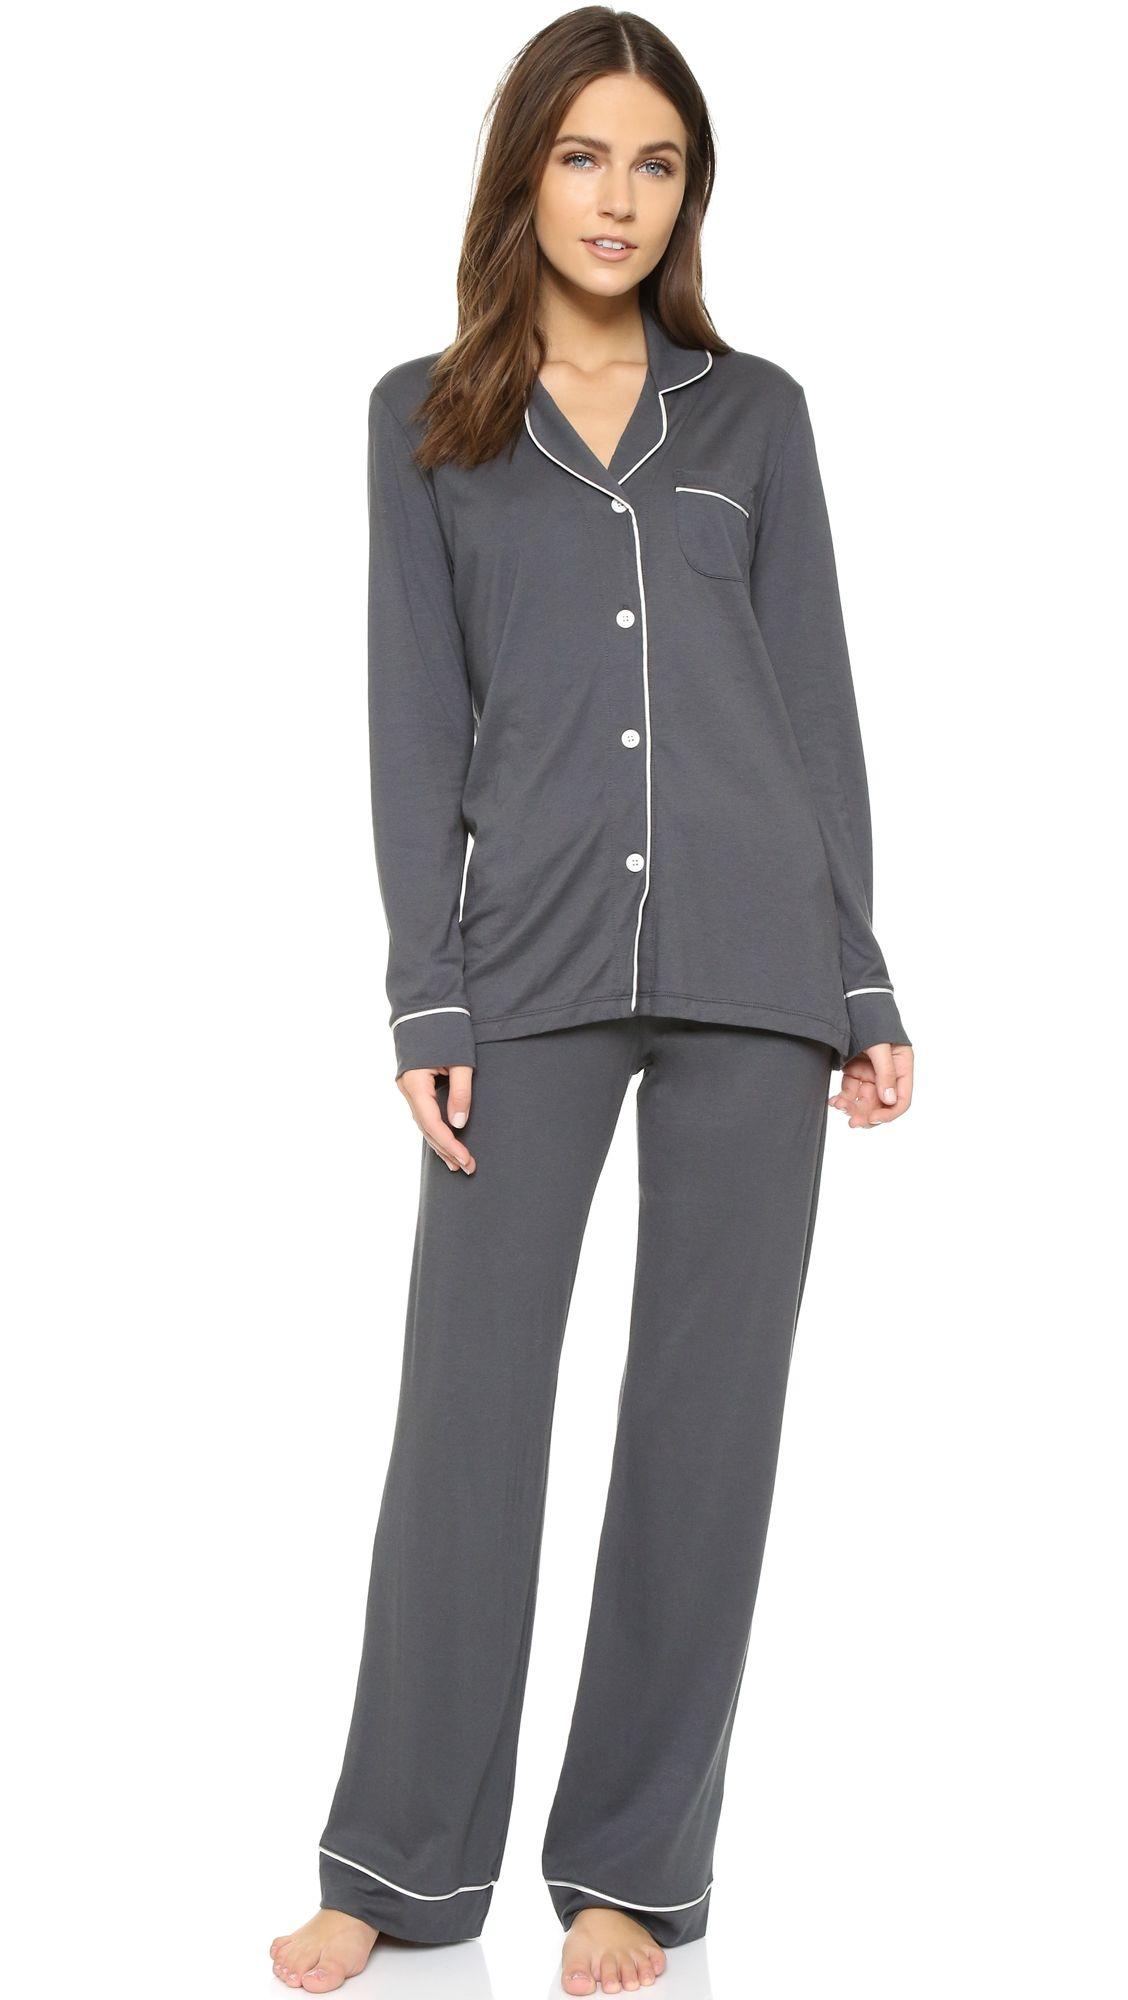 c230844f4a88 Cosabella Bella Long Sleeve Top   Pant PJ Set